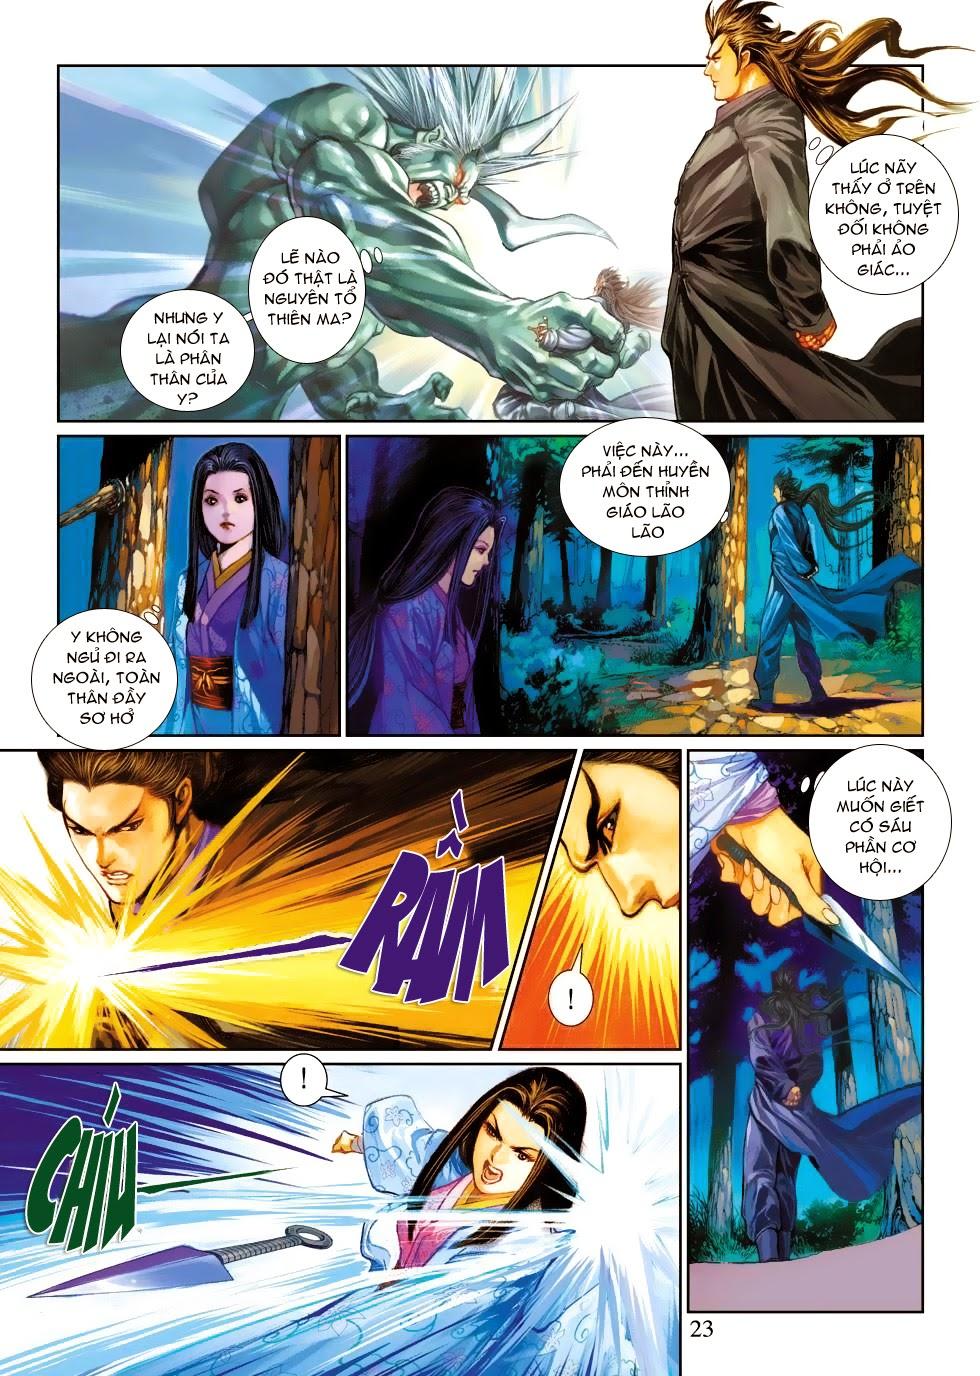 Thần Binh Tiền Truyện 4 - Huyền Thiên Tà Đế chap 3 - Trang 23